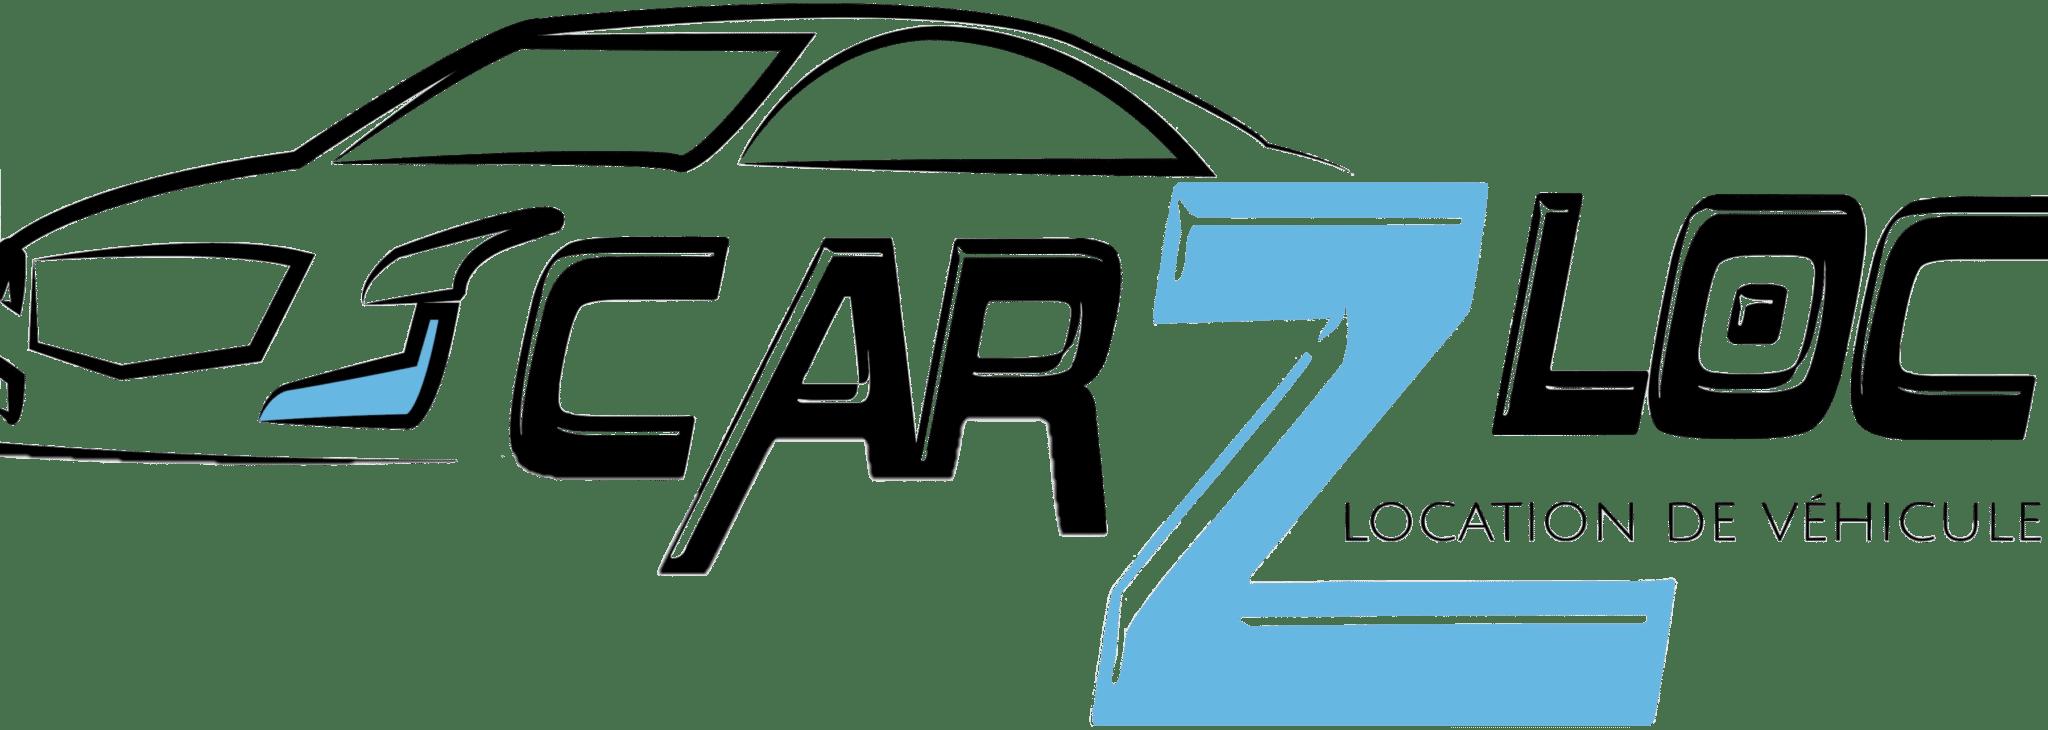 carzloc location voiture 77